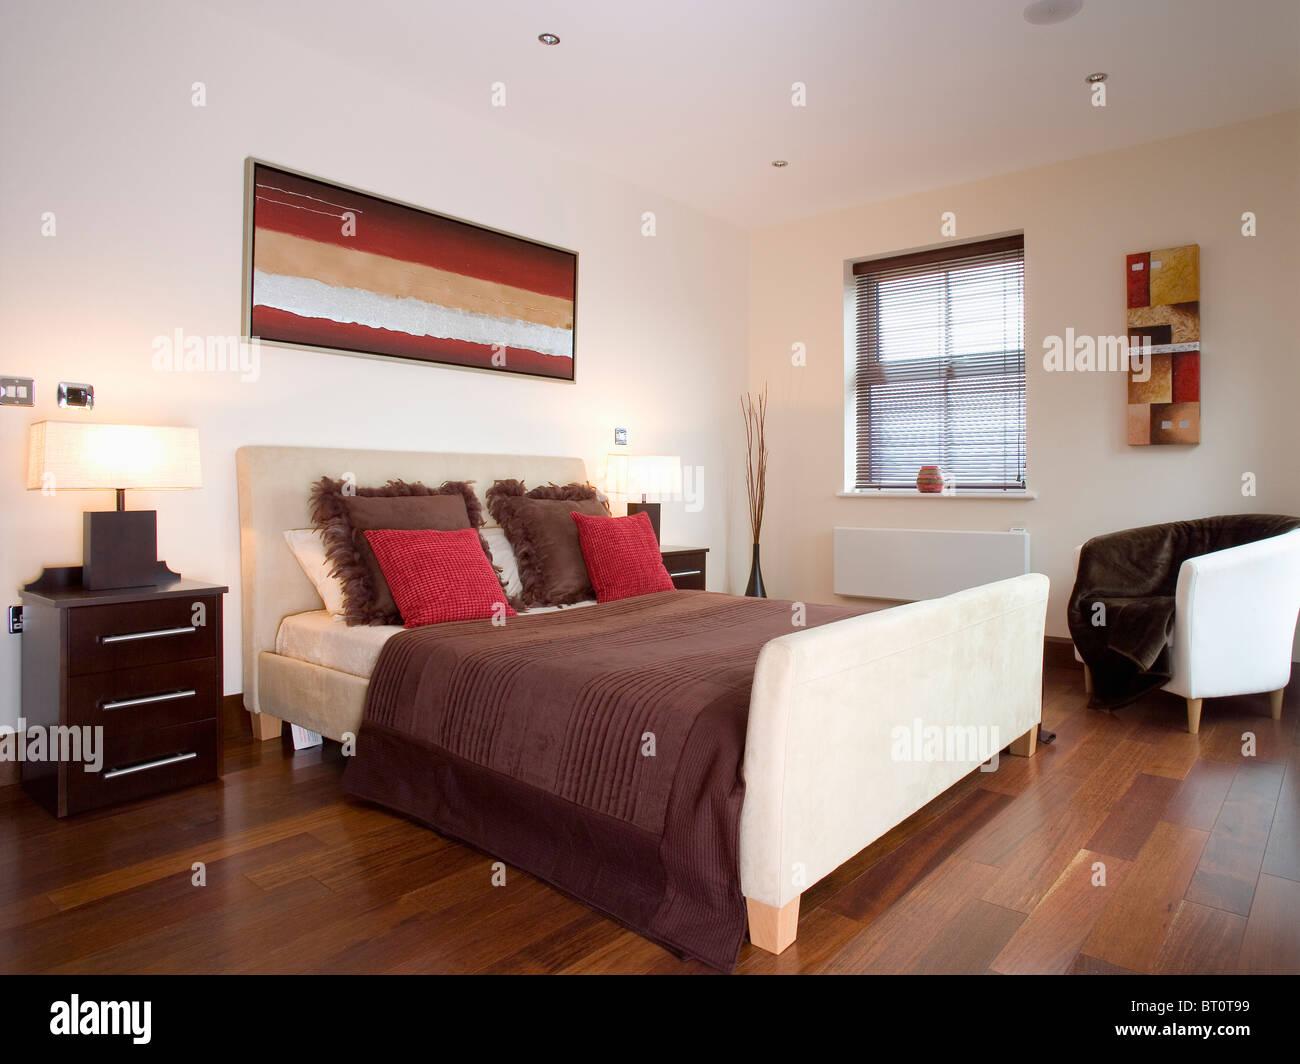 Coussins rouge et marron en daim beige sur meubles lit dans ...